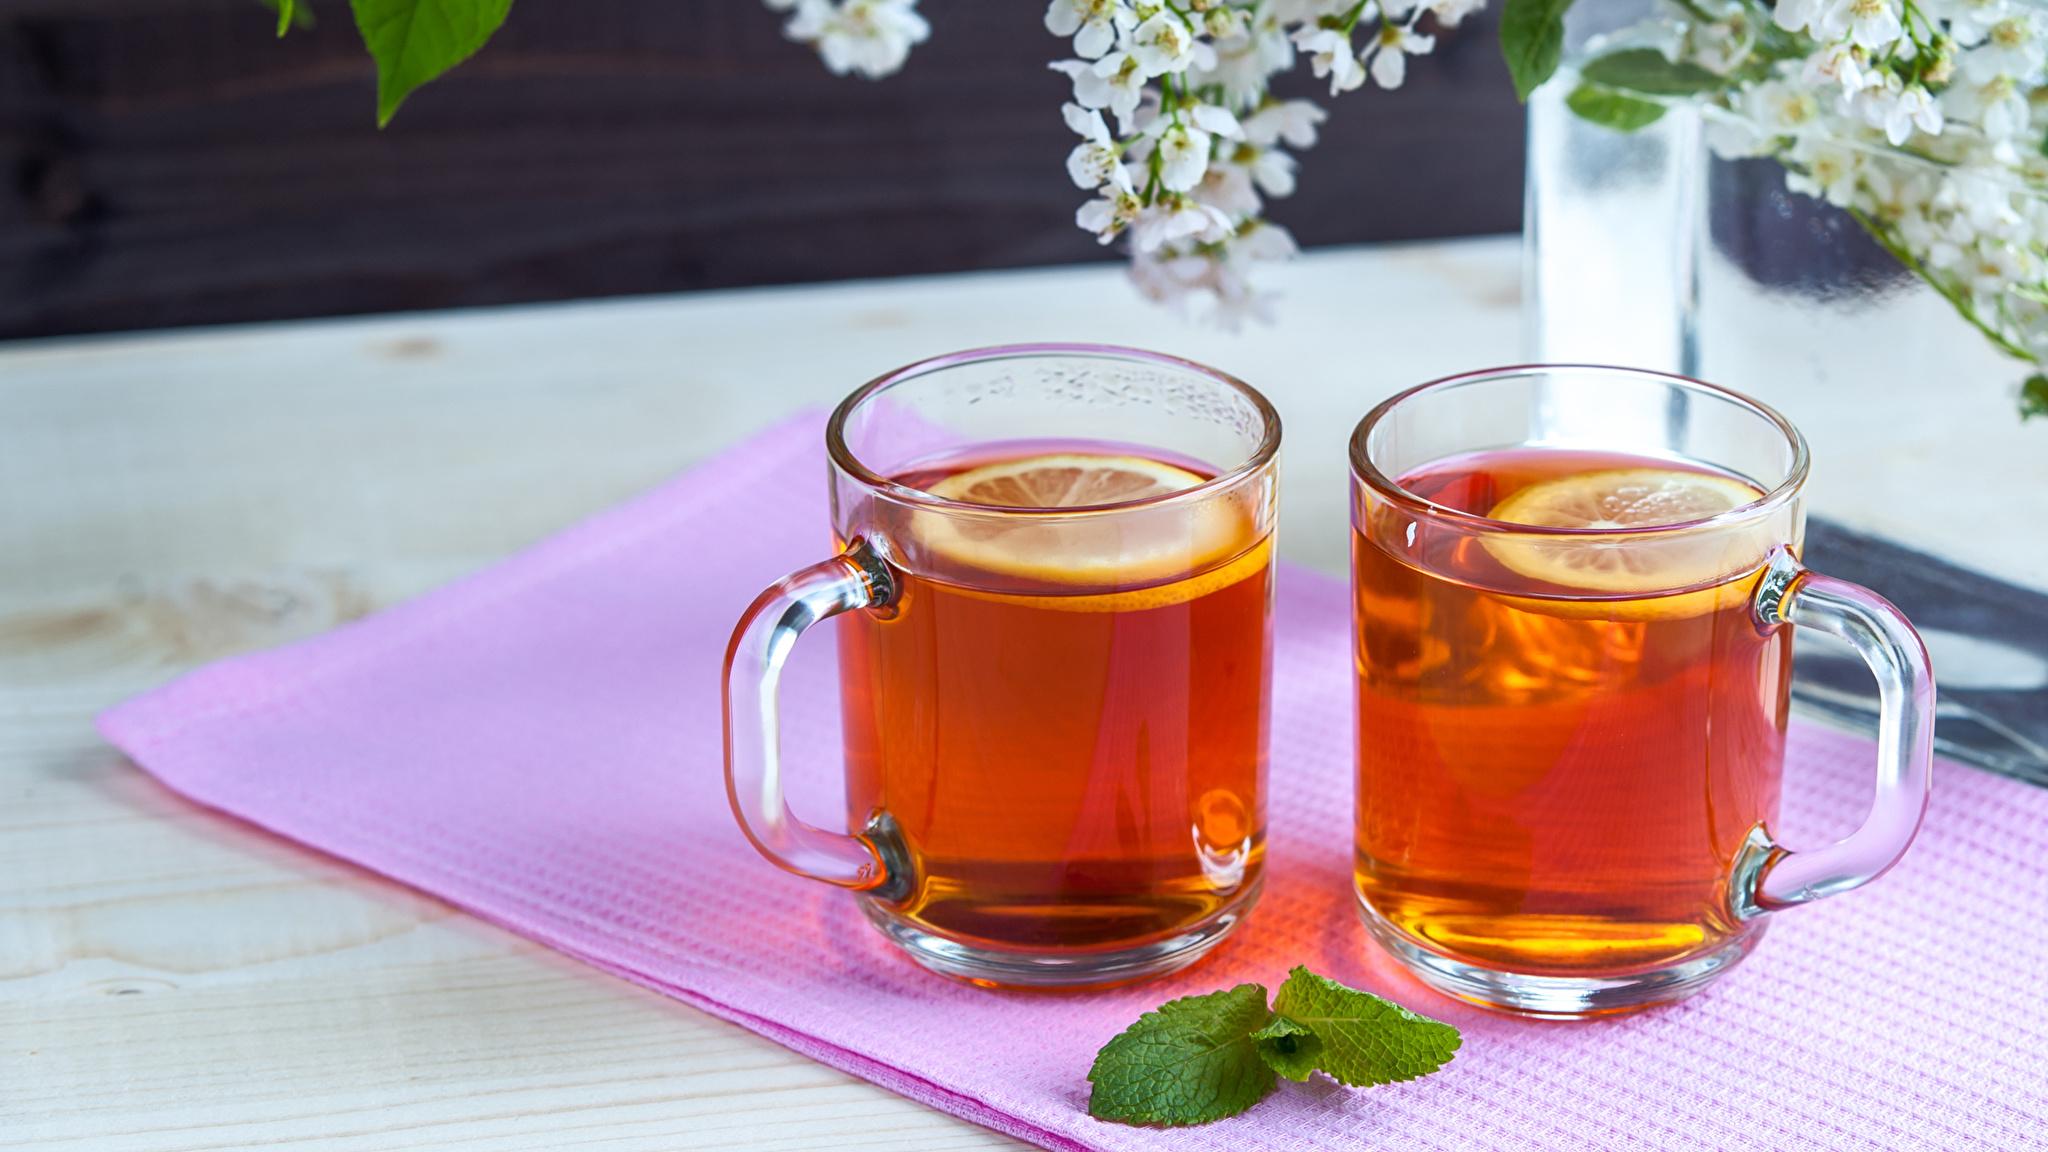 Картинка 2 Чай Еда Чашка 2048x1152 Двое вдвоем Пища Продукты питания